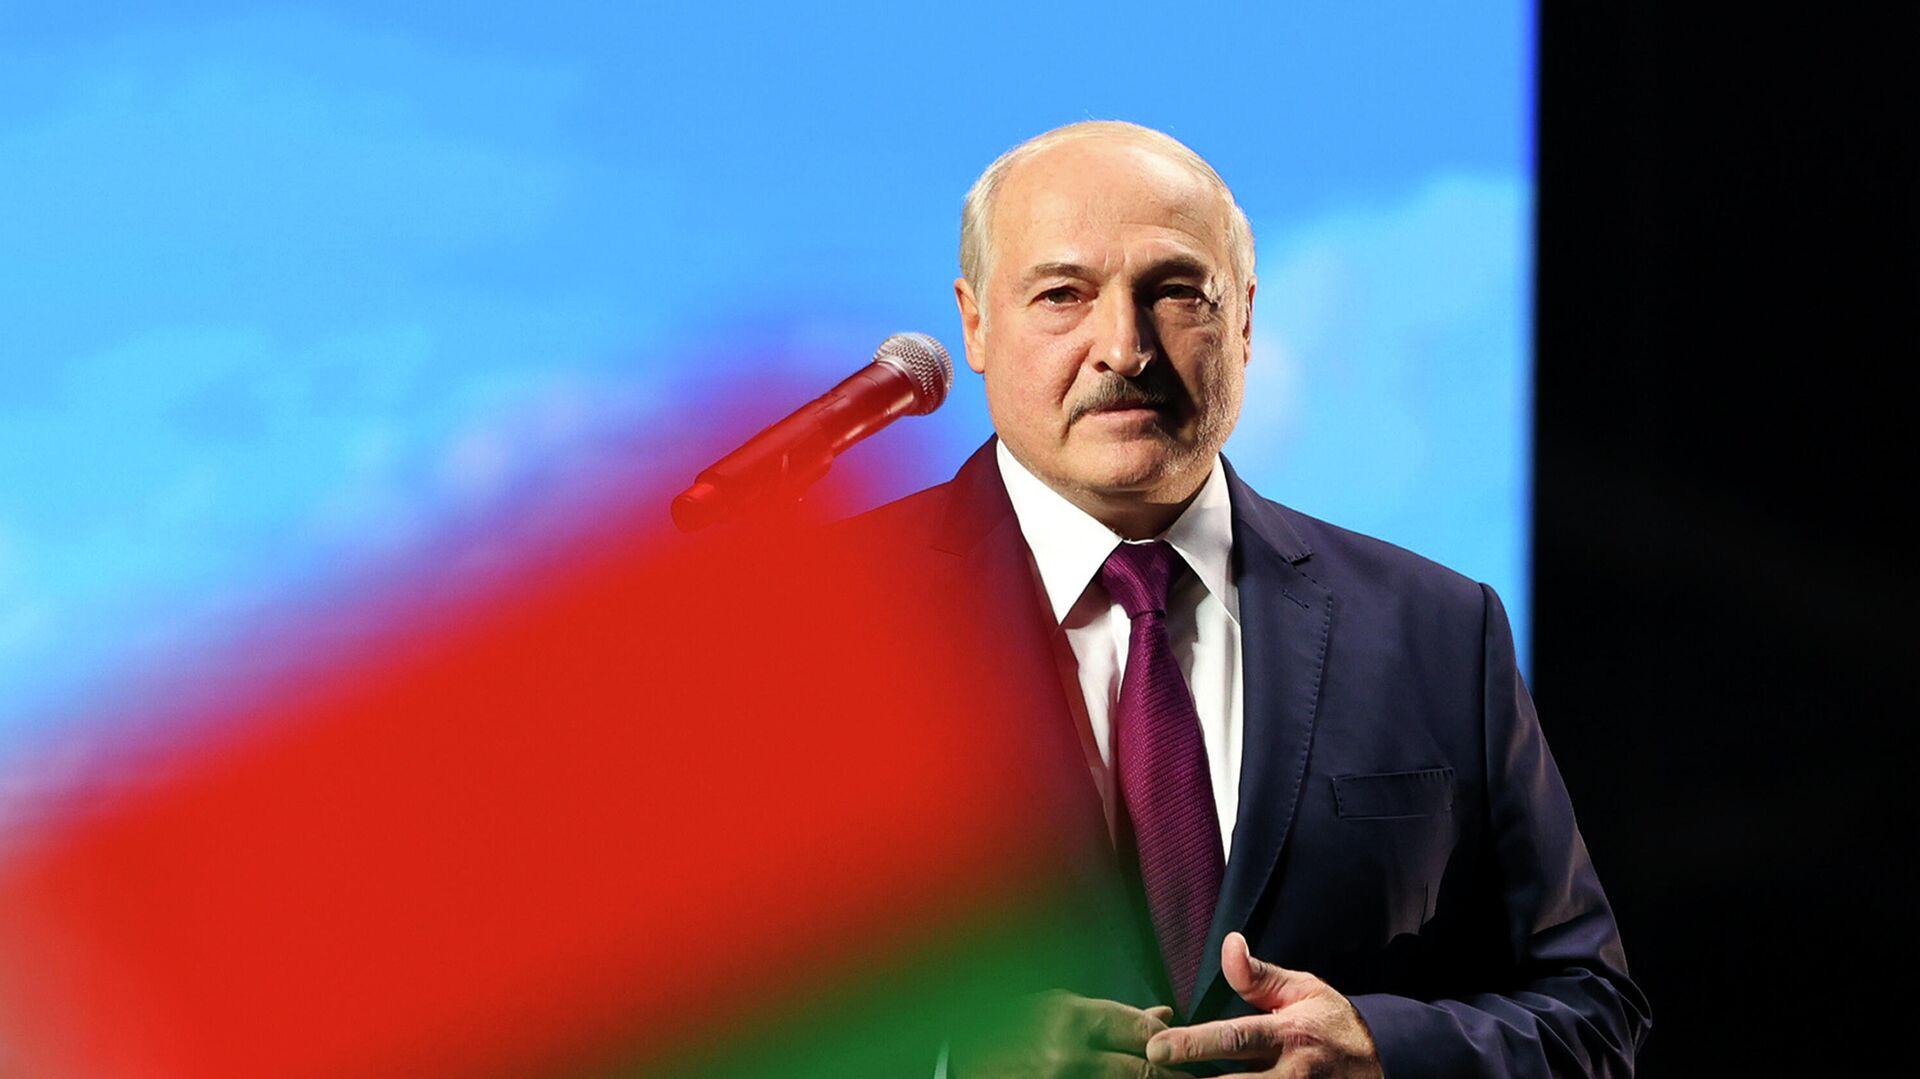 Президент Белоруссии Александр Лукашенко во время выступления в Минске - РИА Новости, 1920, 23.09.2020